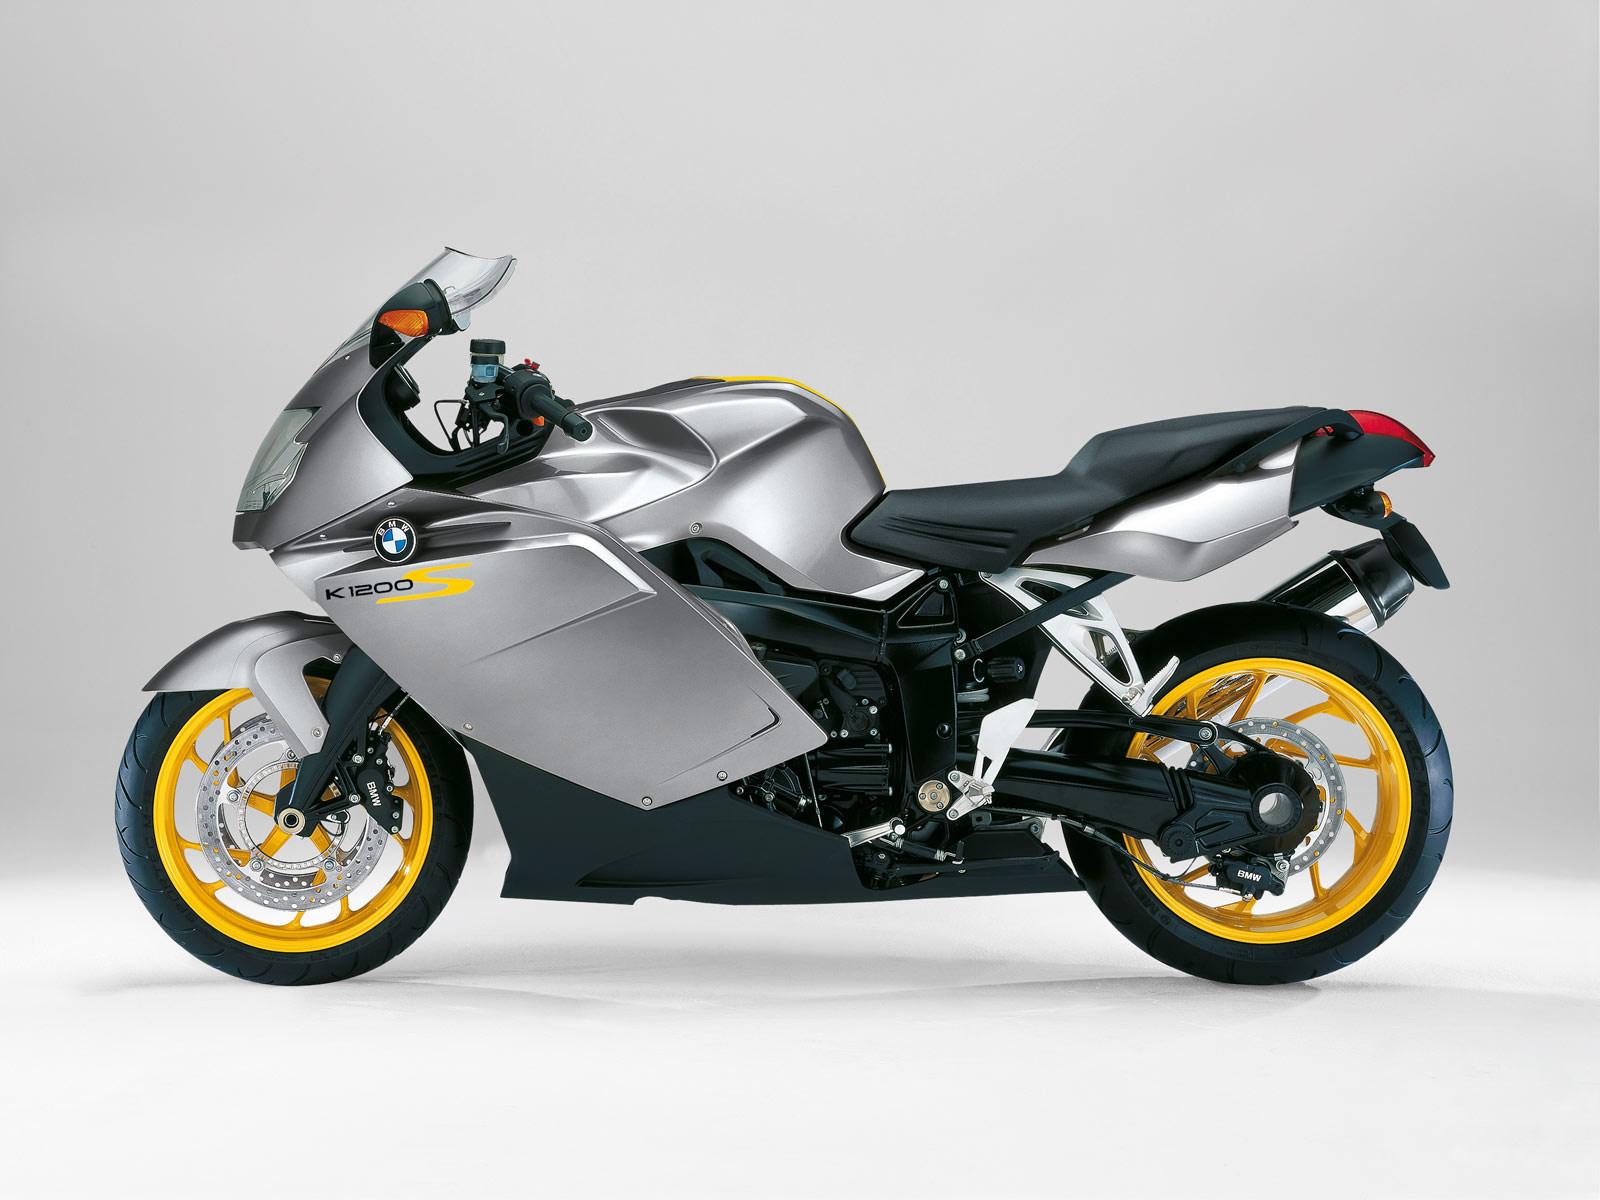 2005 bmw k1200s motorcycle insurance information. Black Bedroom Furniture Sets. Home Design Ideas